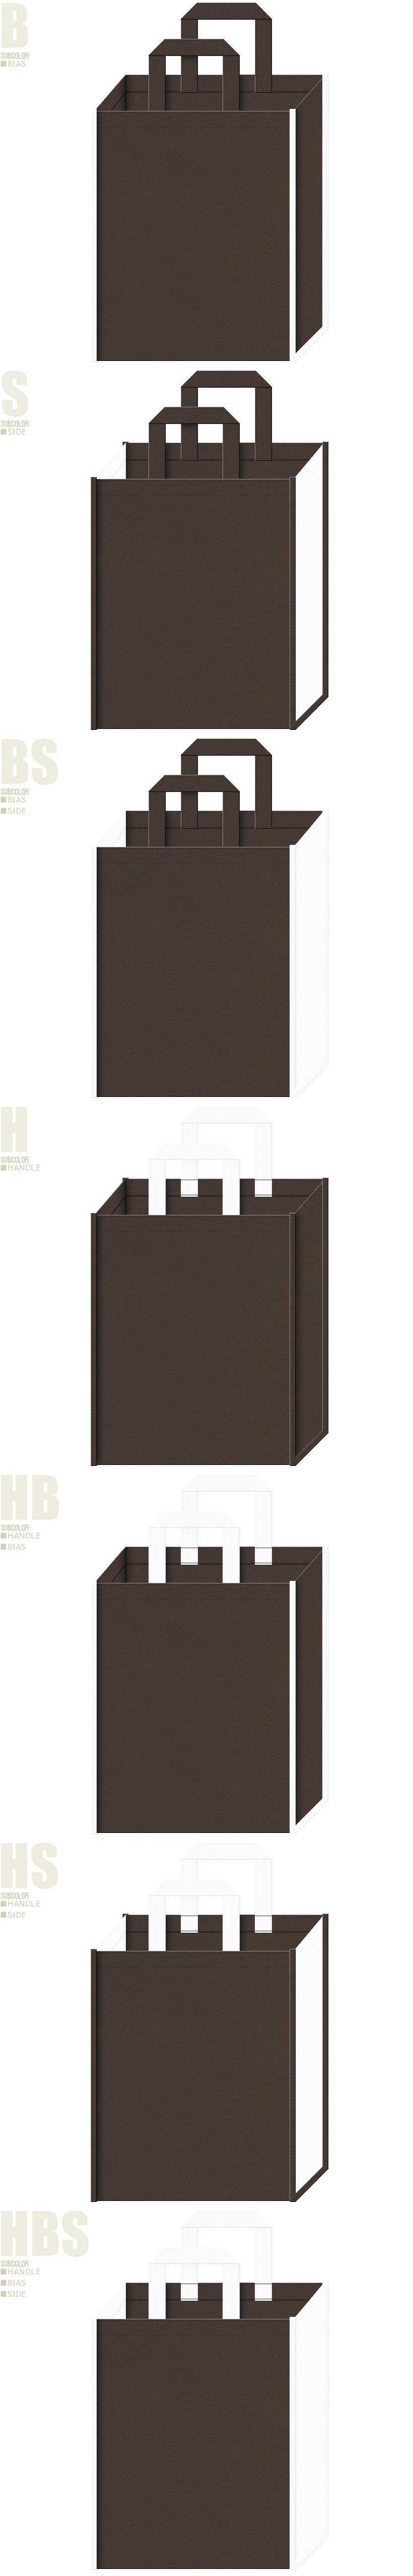 観光・城下町・武家屋敷・お城イベントにお奨めの不織布バッグデザイン:こげ茶色と白色の配色7パターン